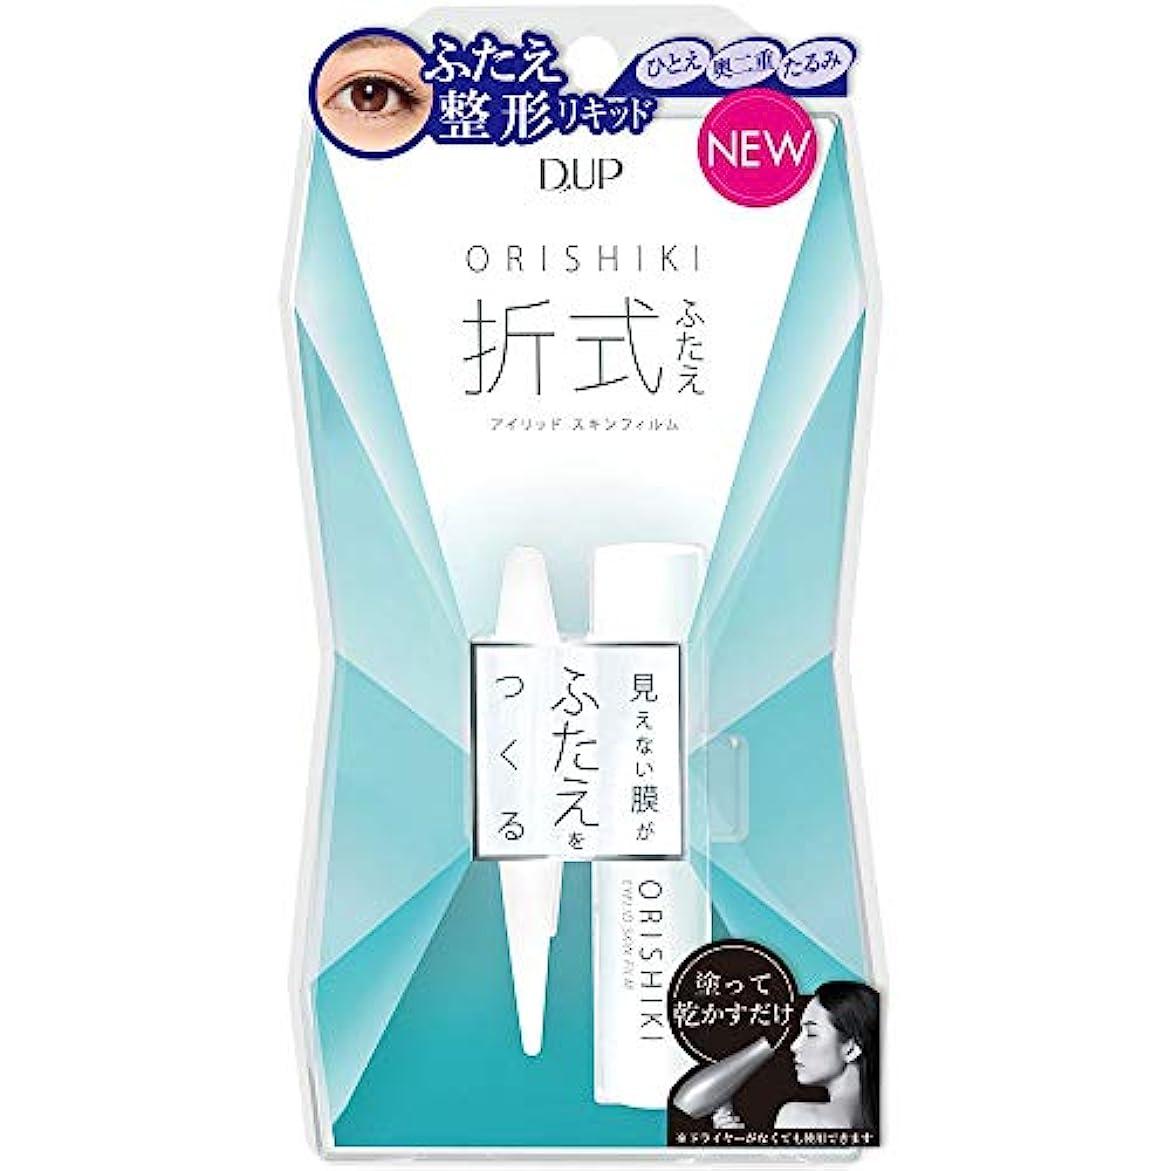 グラマー学校の先生裁定D-UP(ディーアップ) D-UP オリシキ アイリッドスキンフィルム 単品 4mL